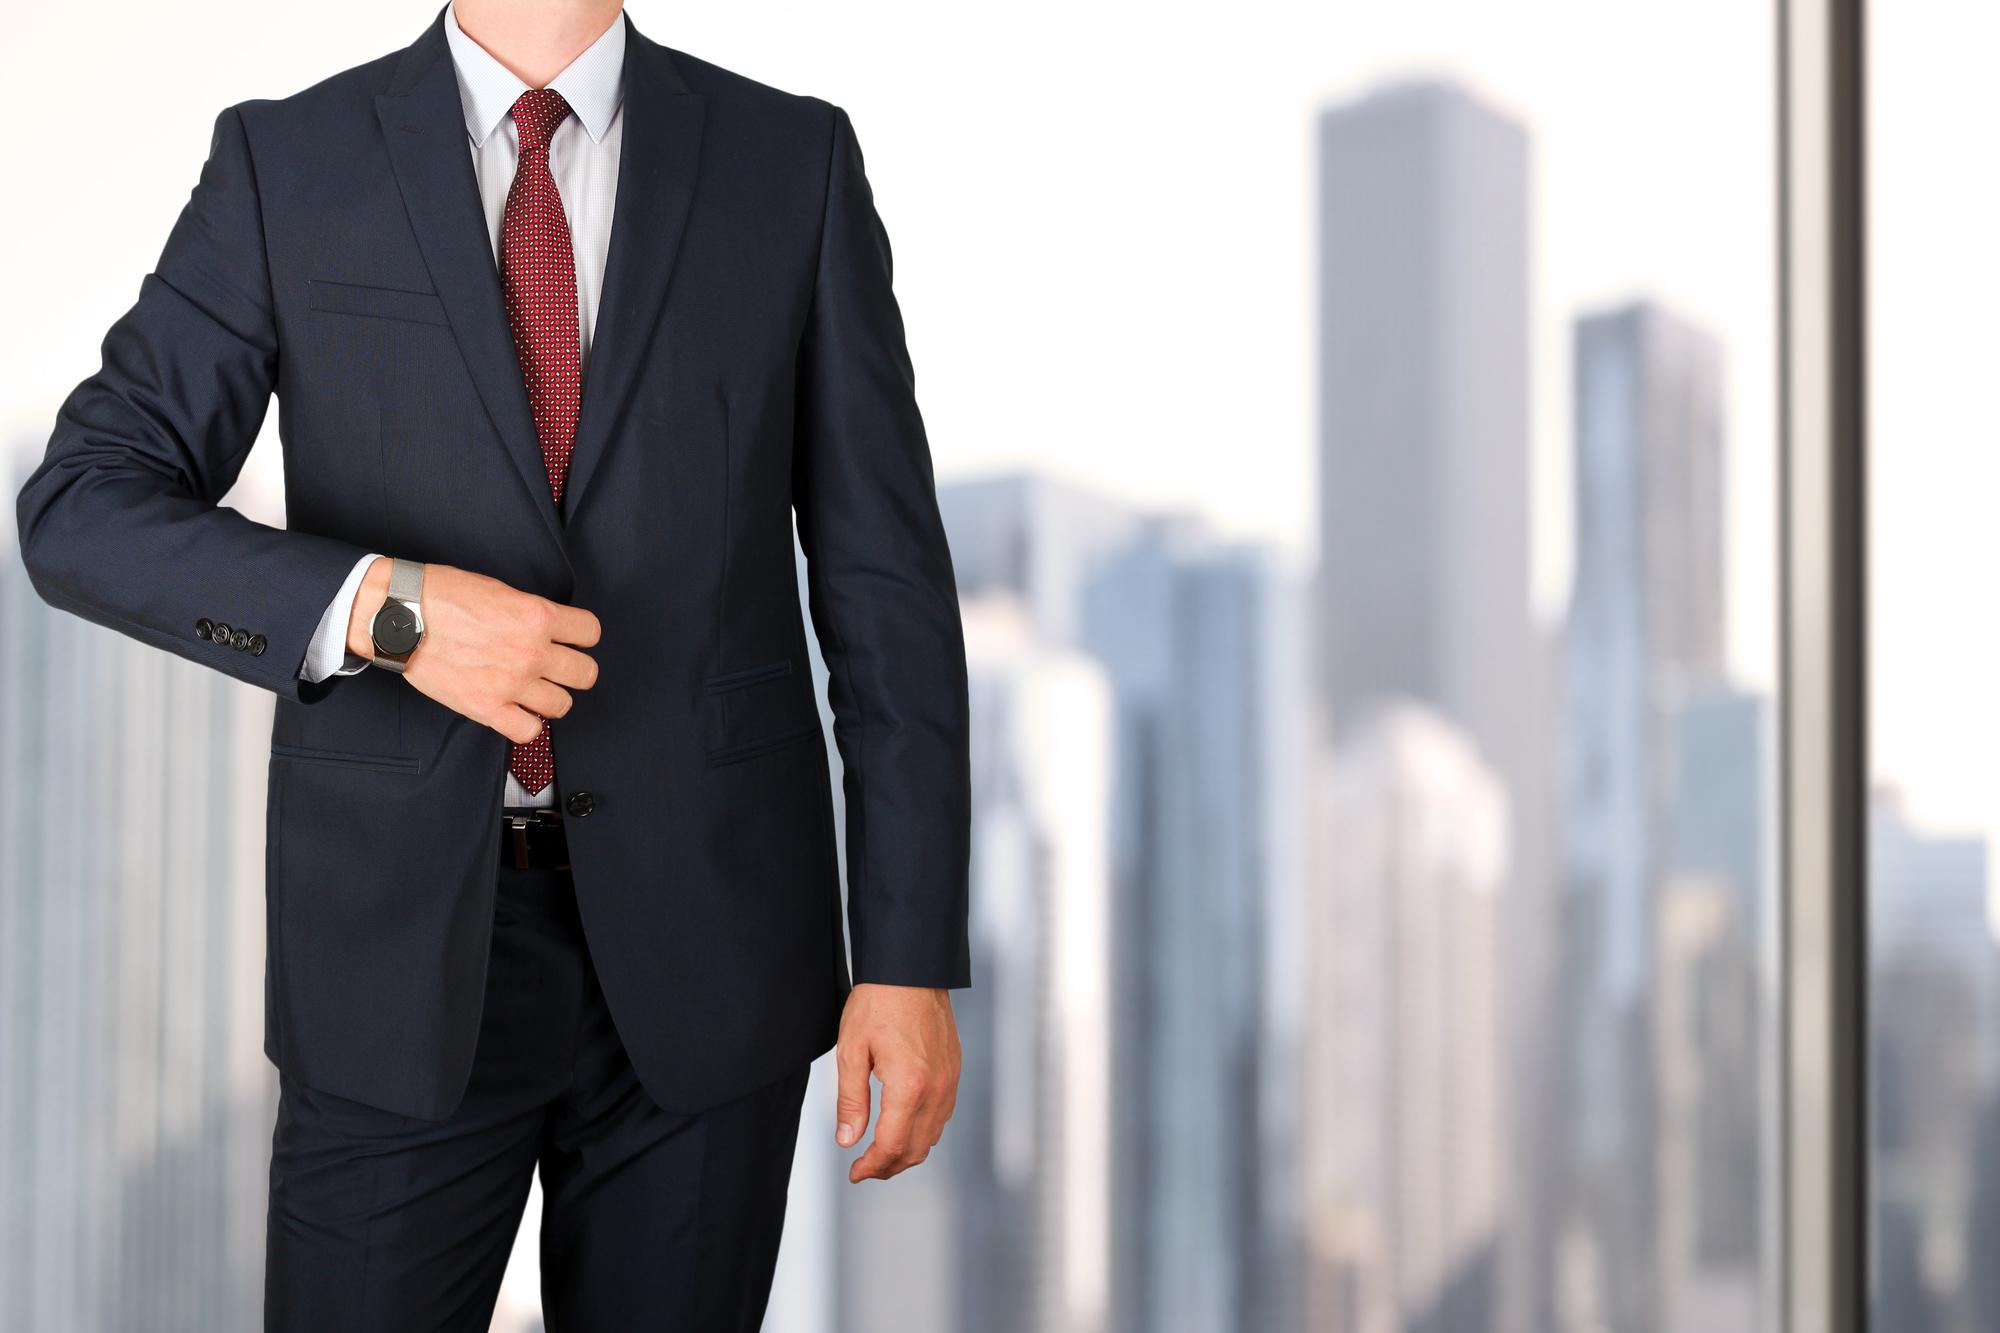 4958024ec4847 仕事、冠婚葬祭、転職活動など、社会人になるとスーツを着る機会が増えます。そのマナーや着こなし一つで人柄からビジネスパーソンとしてのレベルまで判断されることも  ...